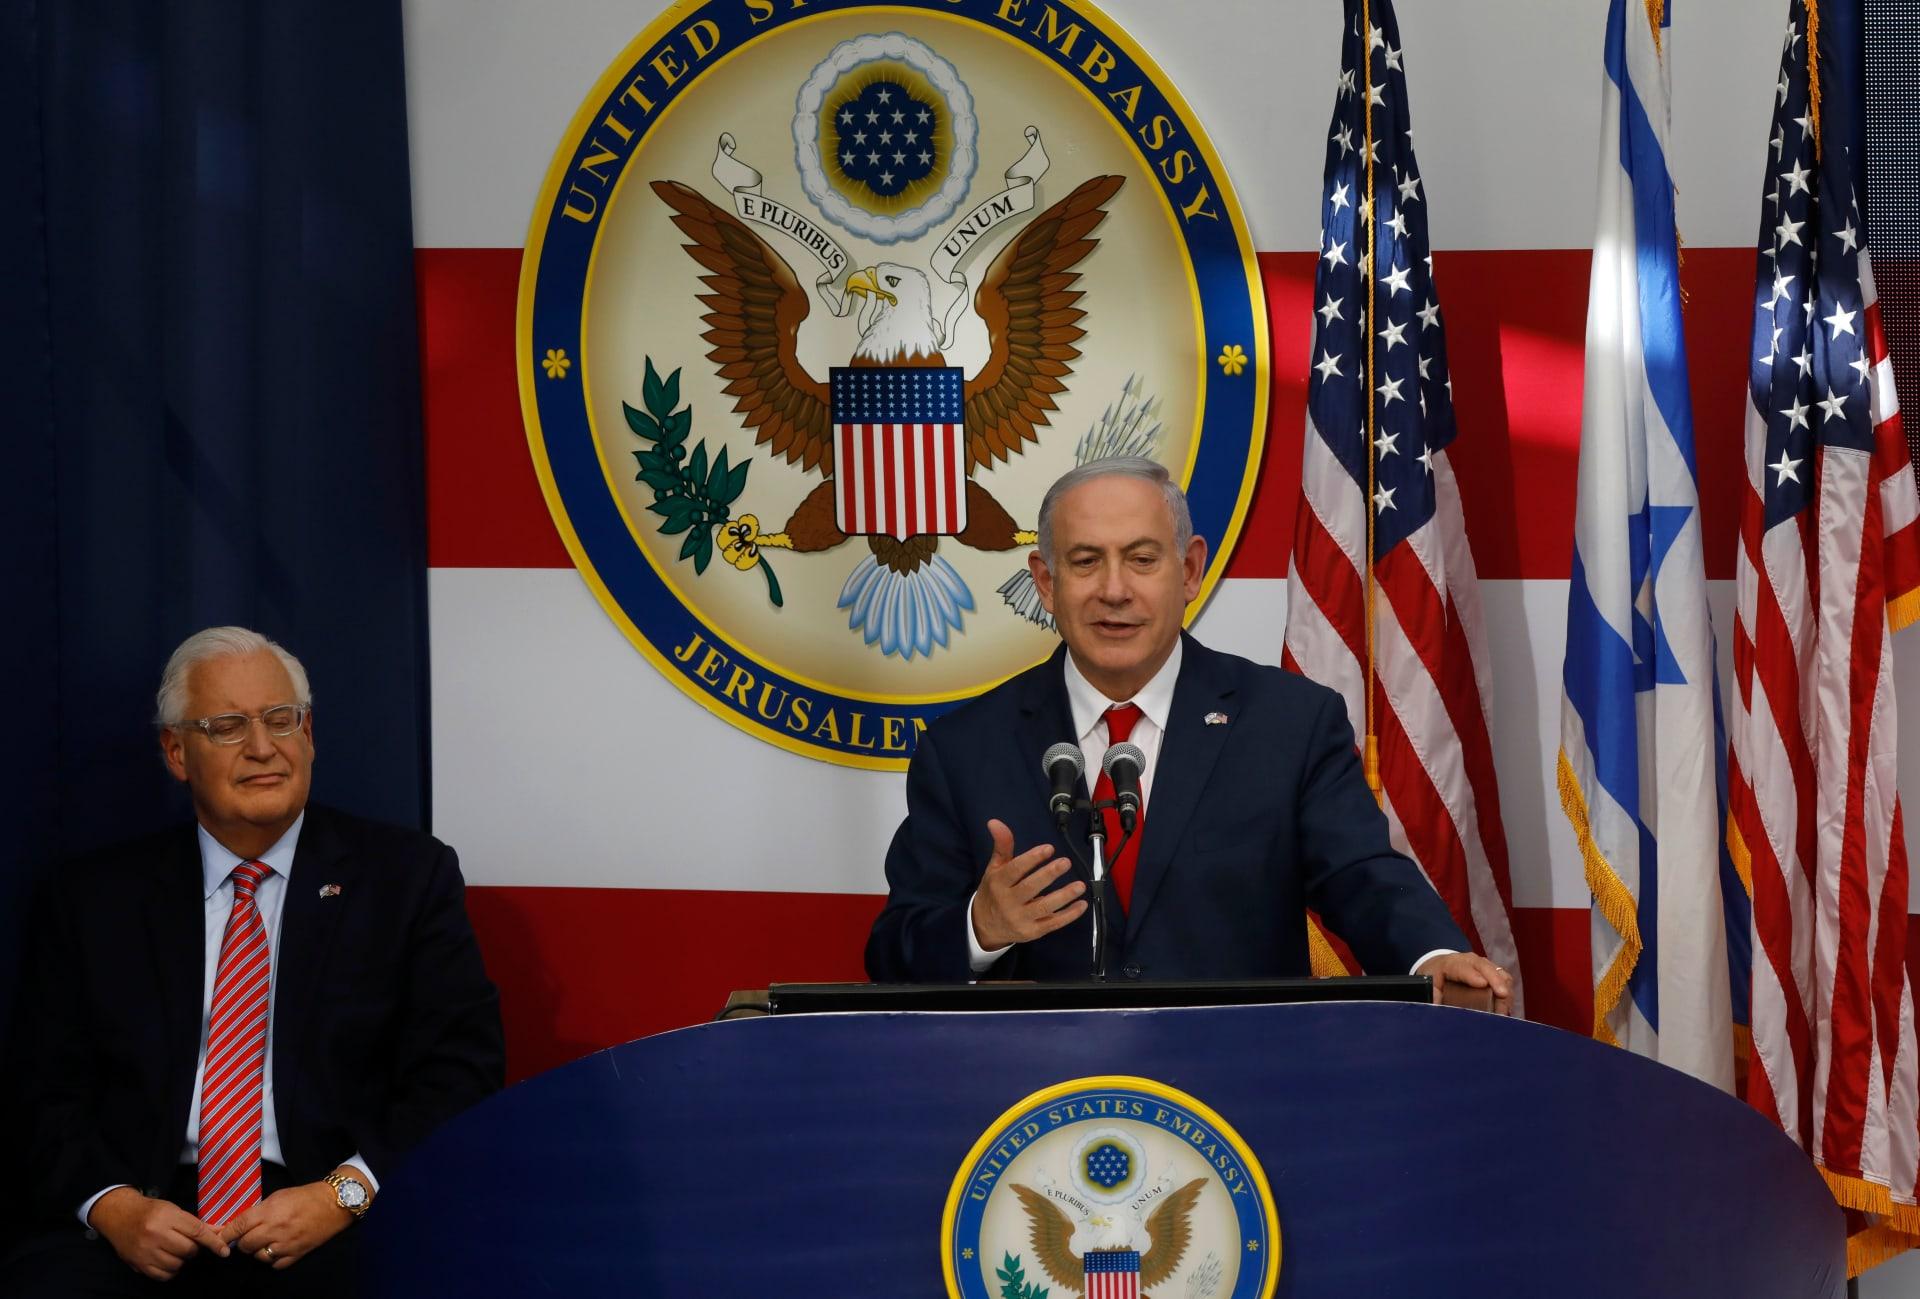 الولايات المتحدة تفتتح رسميا سفارتها في القدس